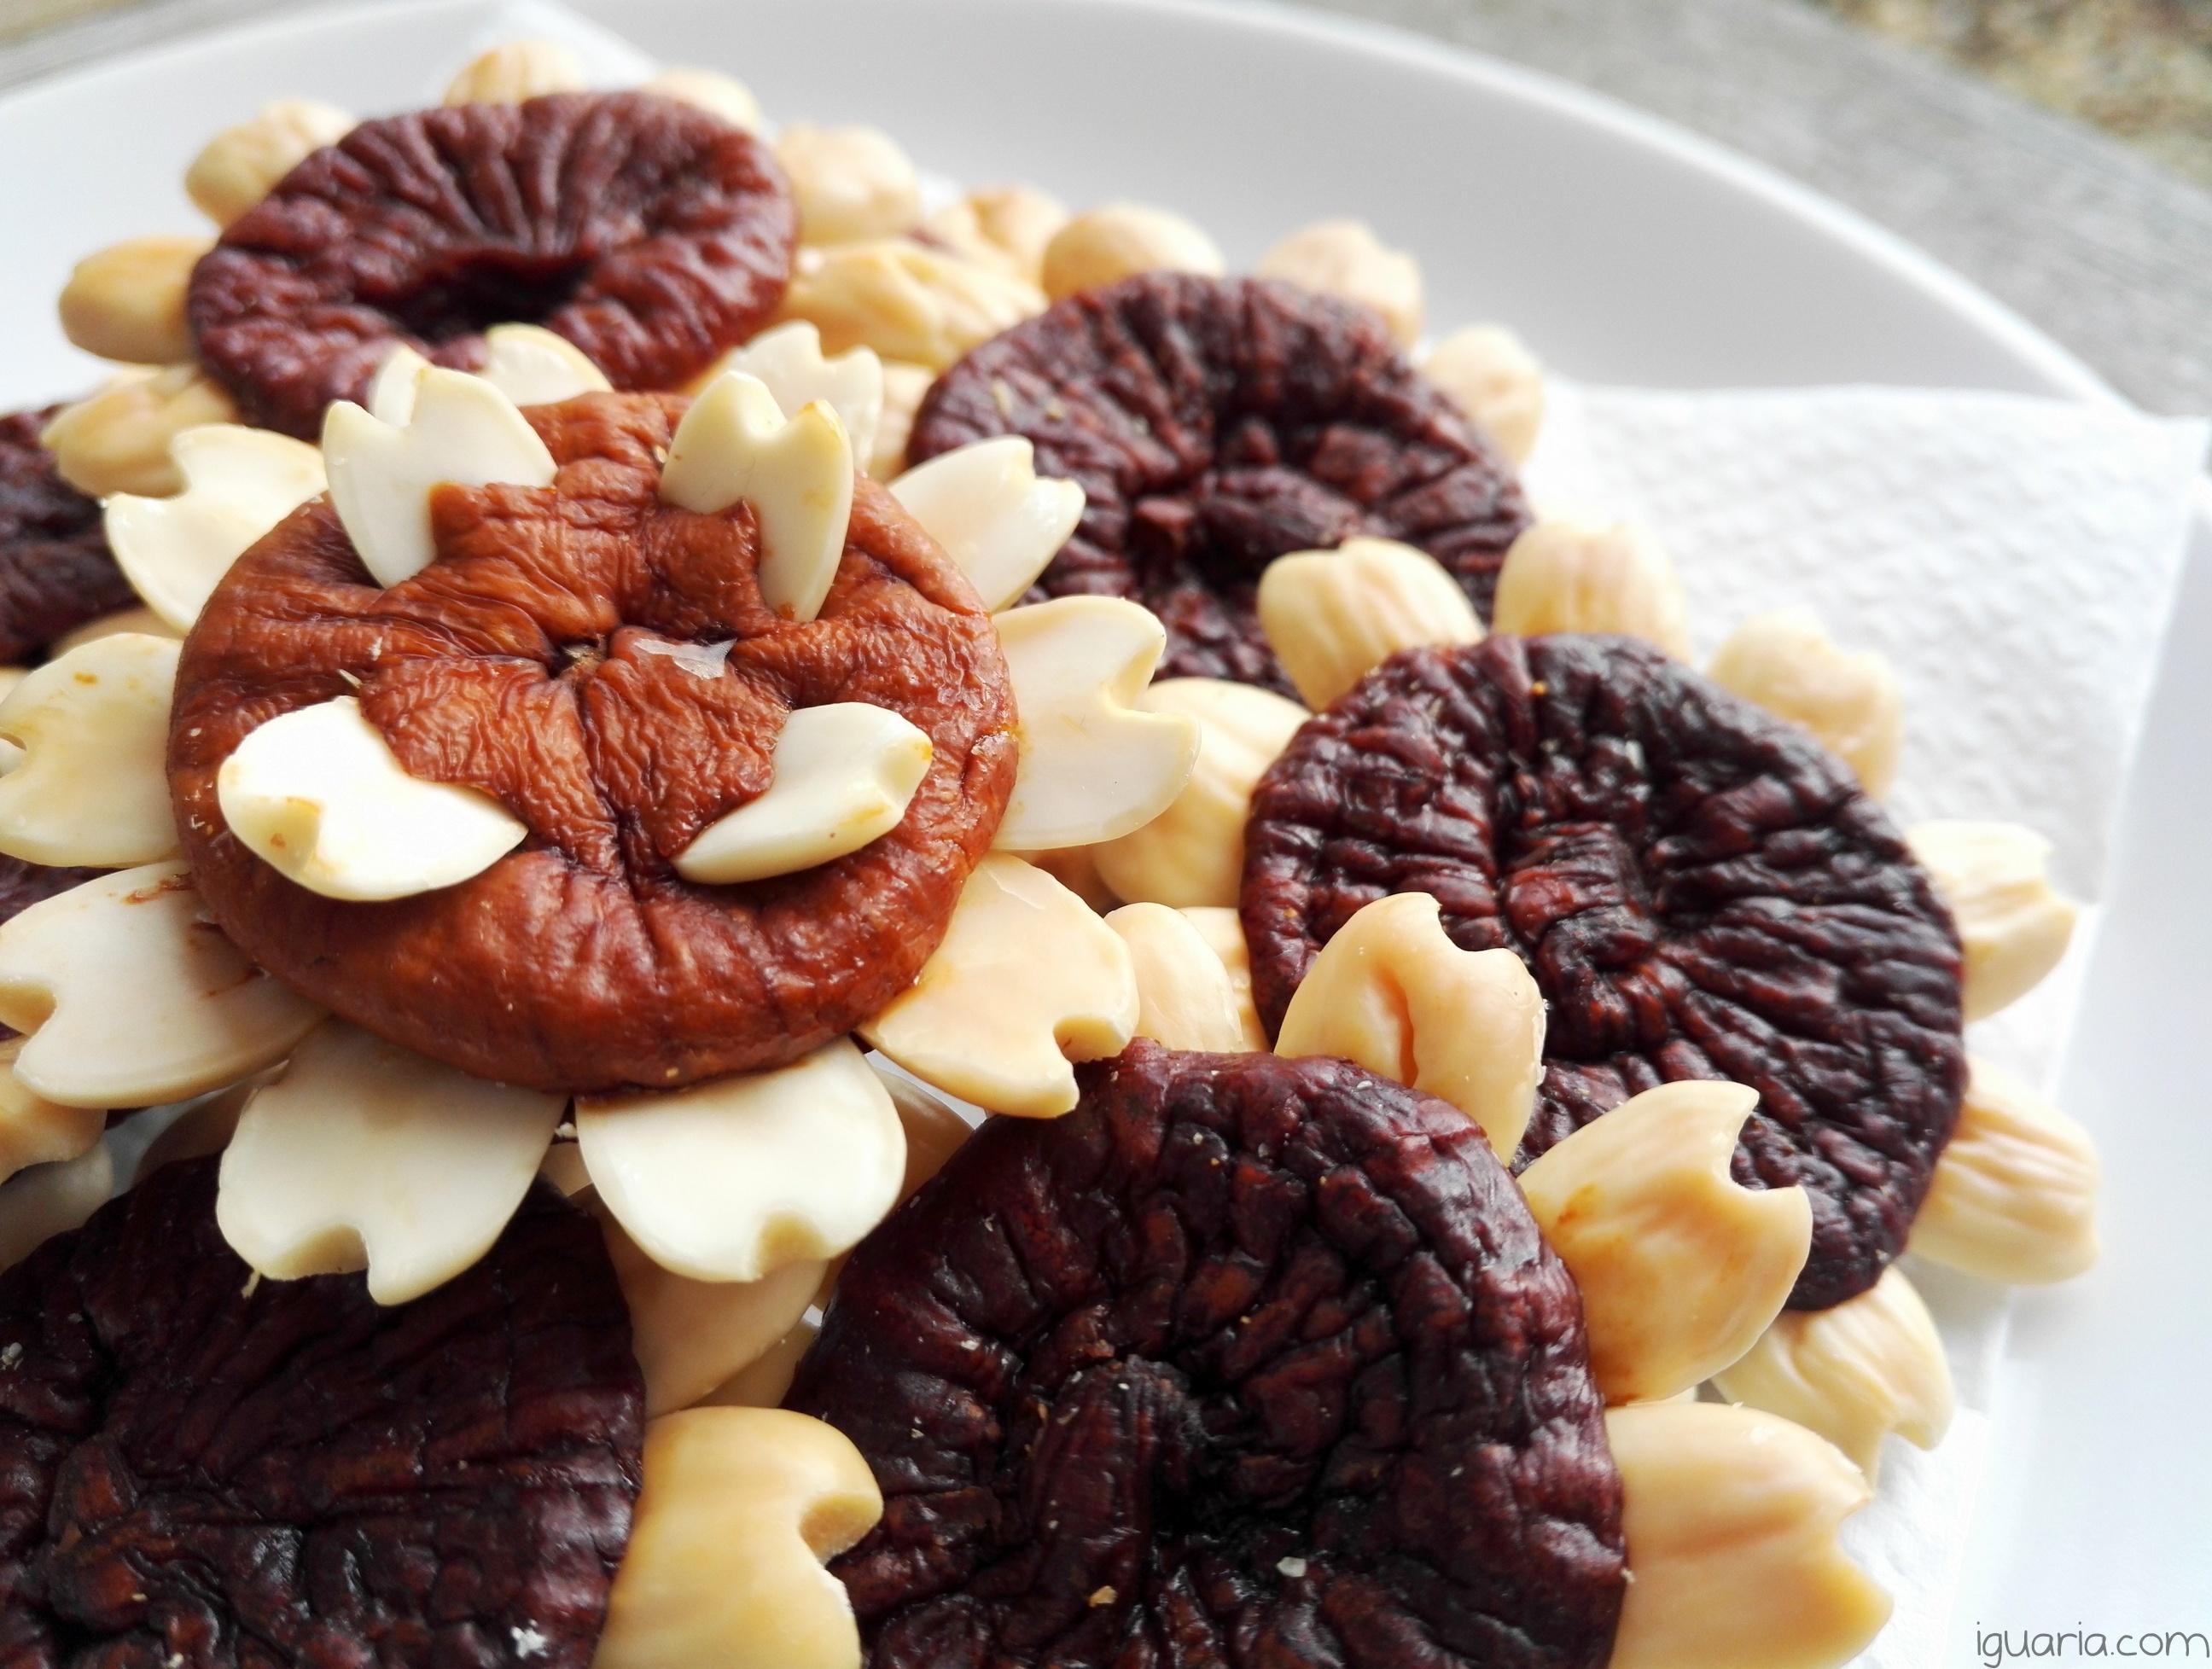 iguaria-estrelas-de-figo-seco-com-amendoas